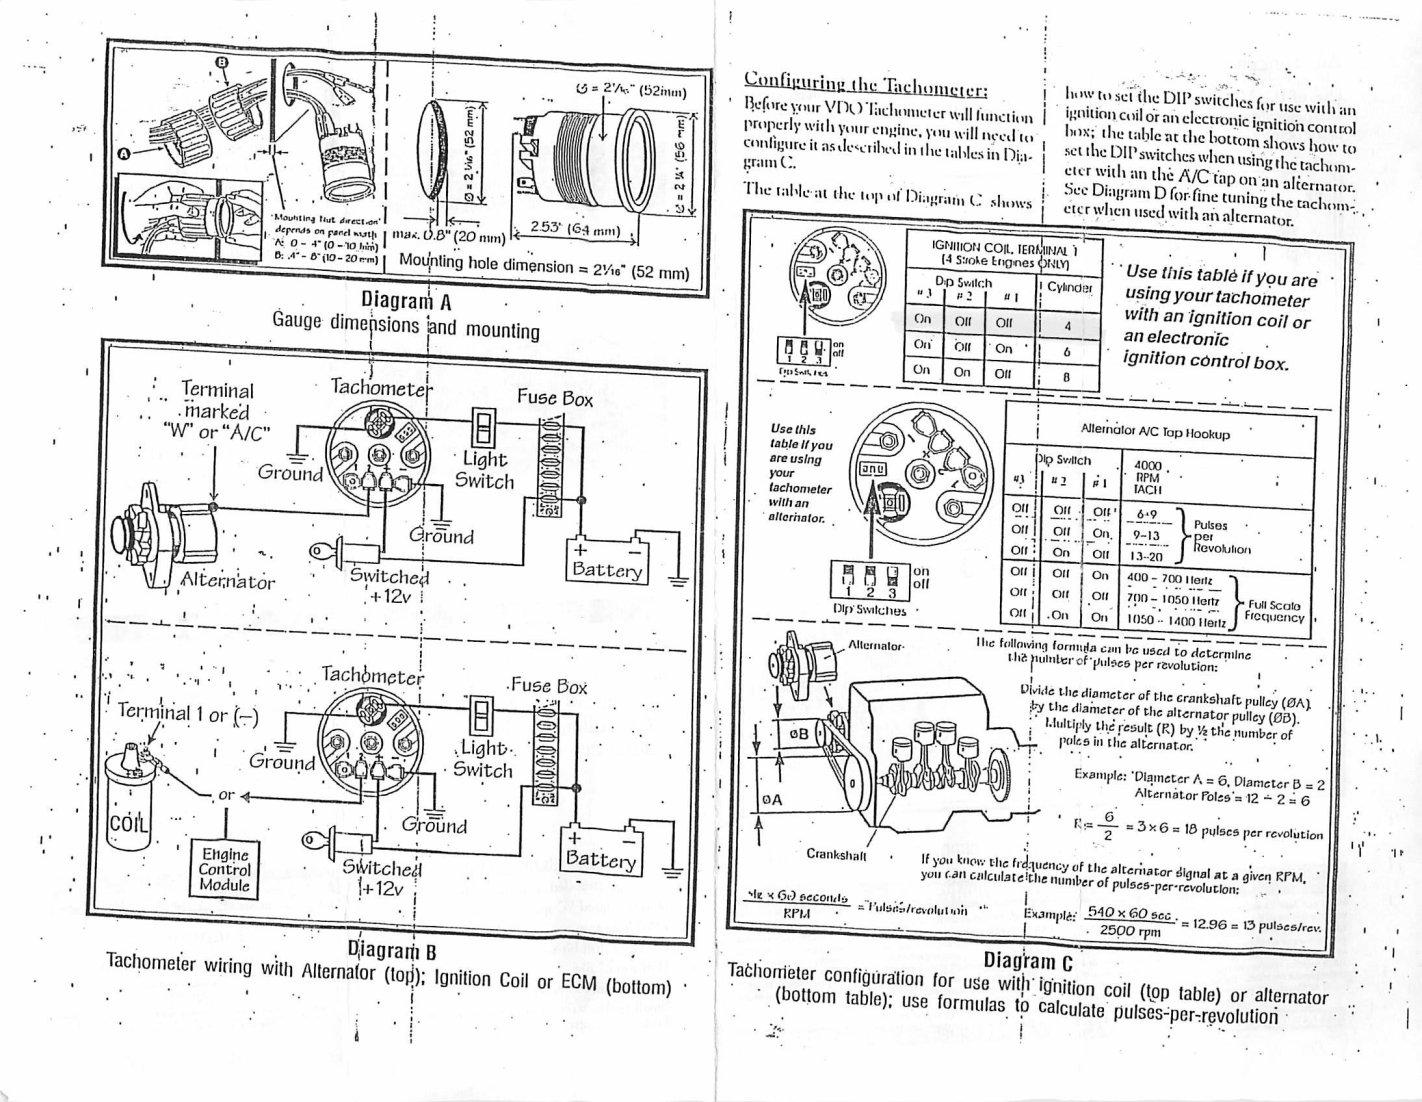 1985 chevy c10 alternator wiring diagram 2004 dodge intrepid engine mercedes 300d free